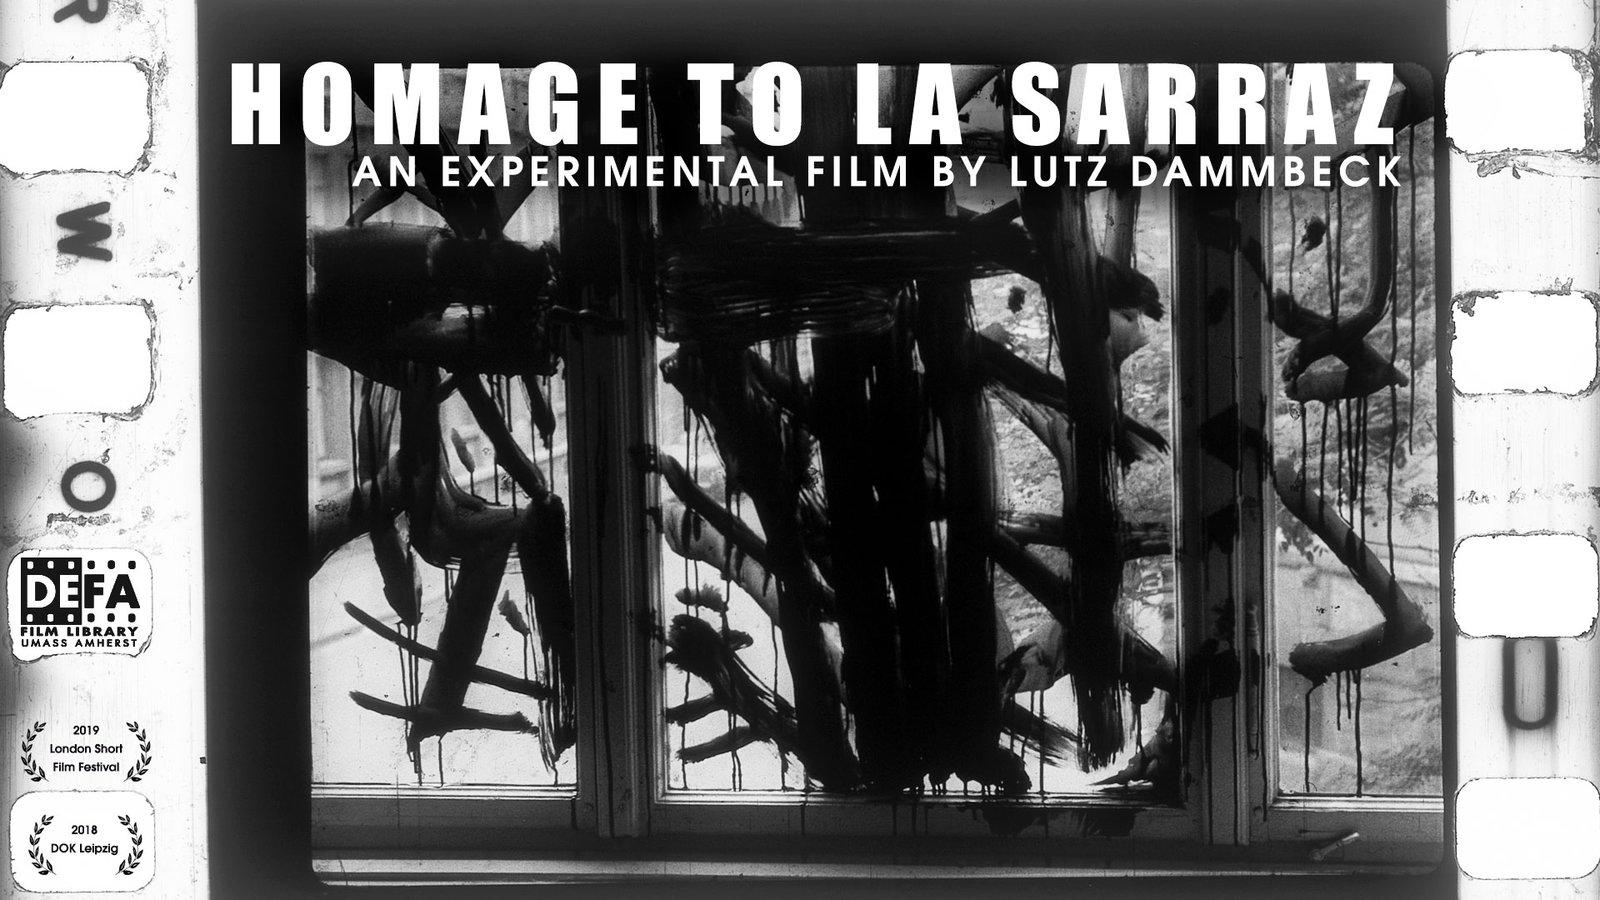 Hommage to La Sarraz